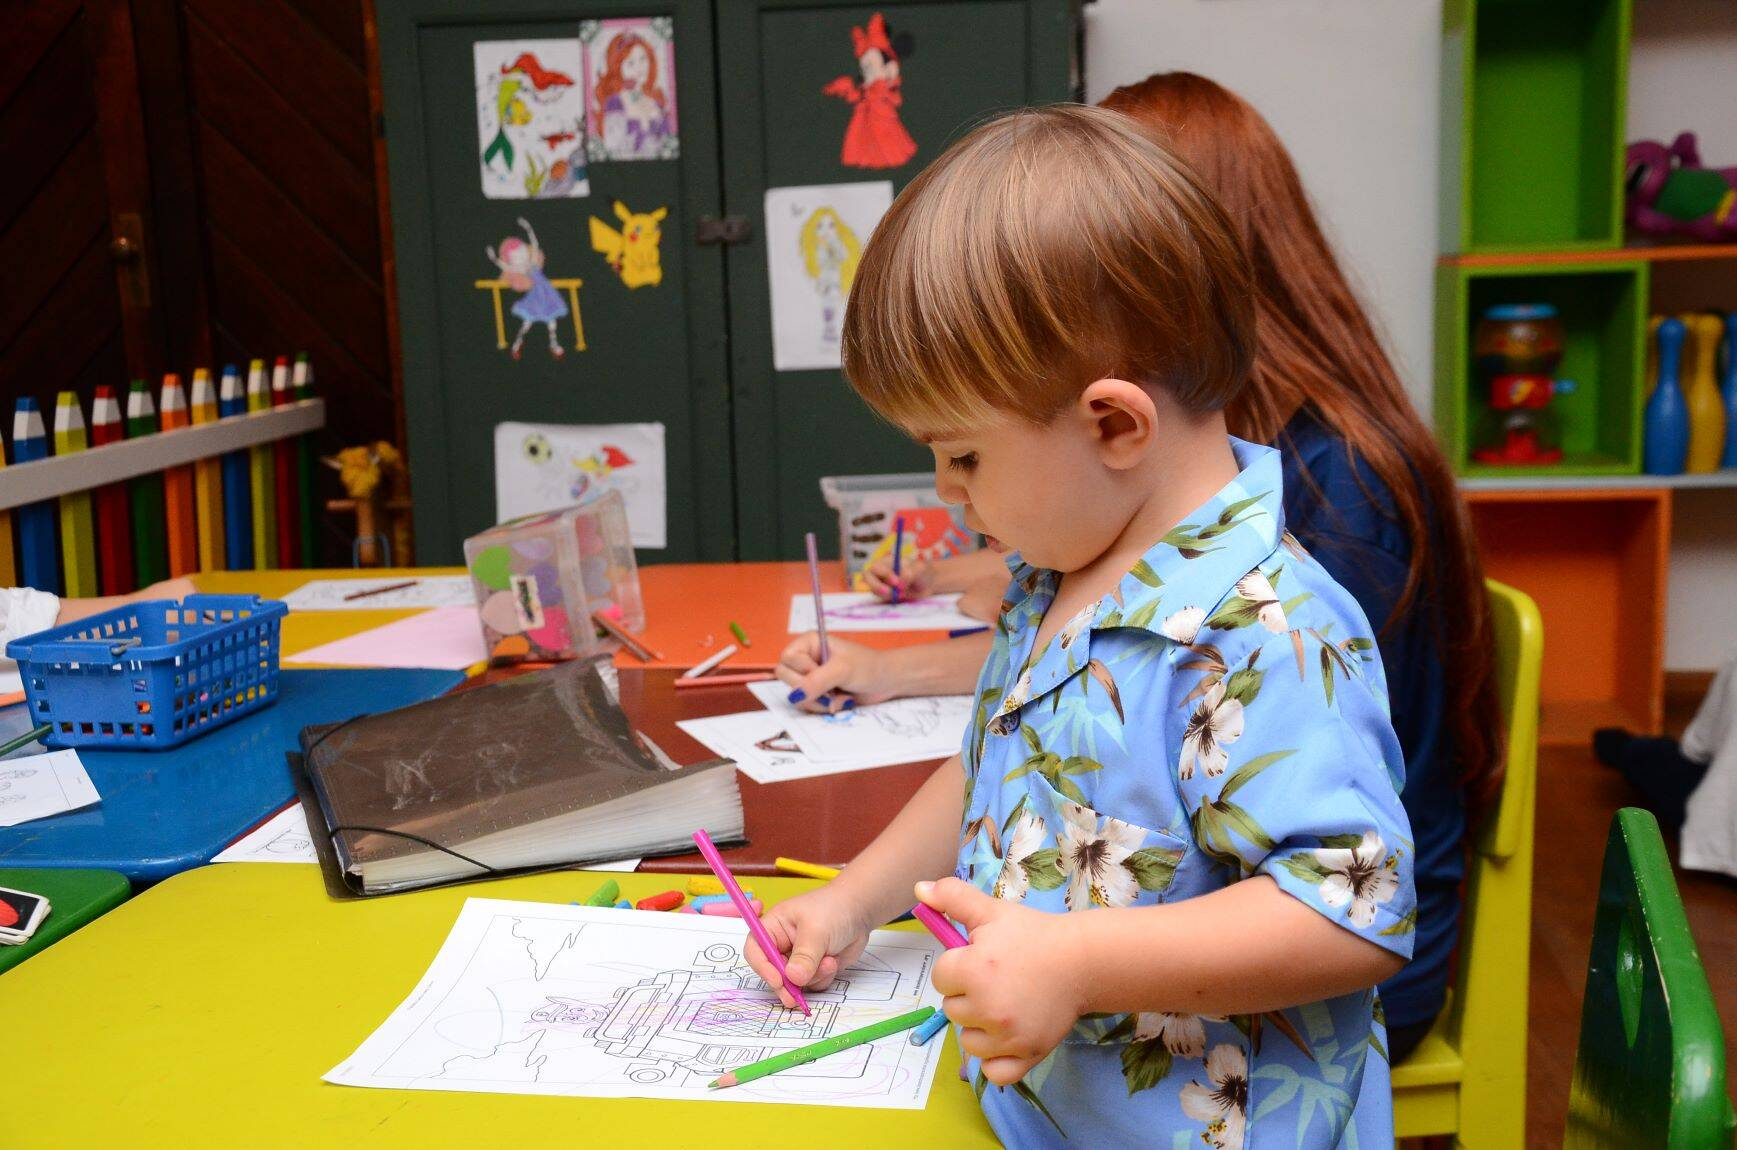 Colônia de férias da Hípica Paulista tem diversas atividades para crianças de 4 a 10 anos de idade. Foto: Divulgação/Hípica Paulista